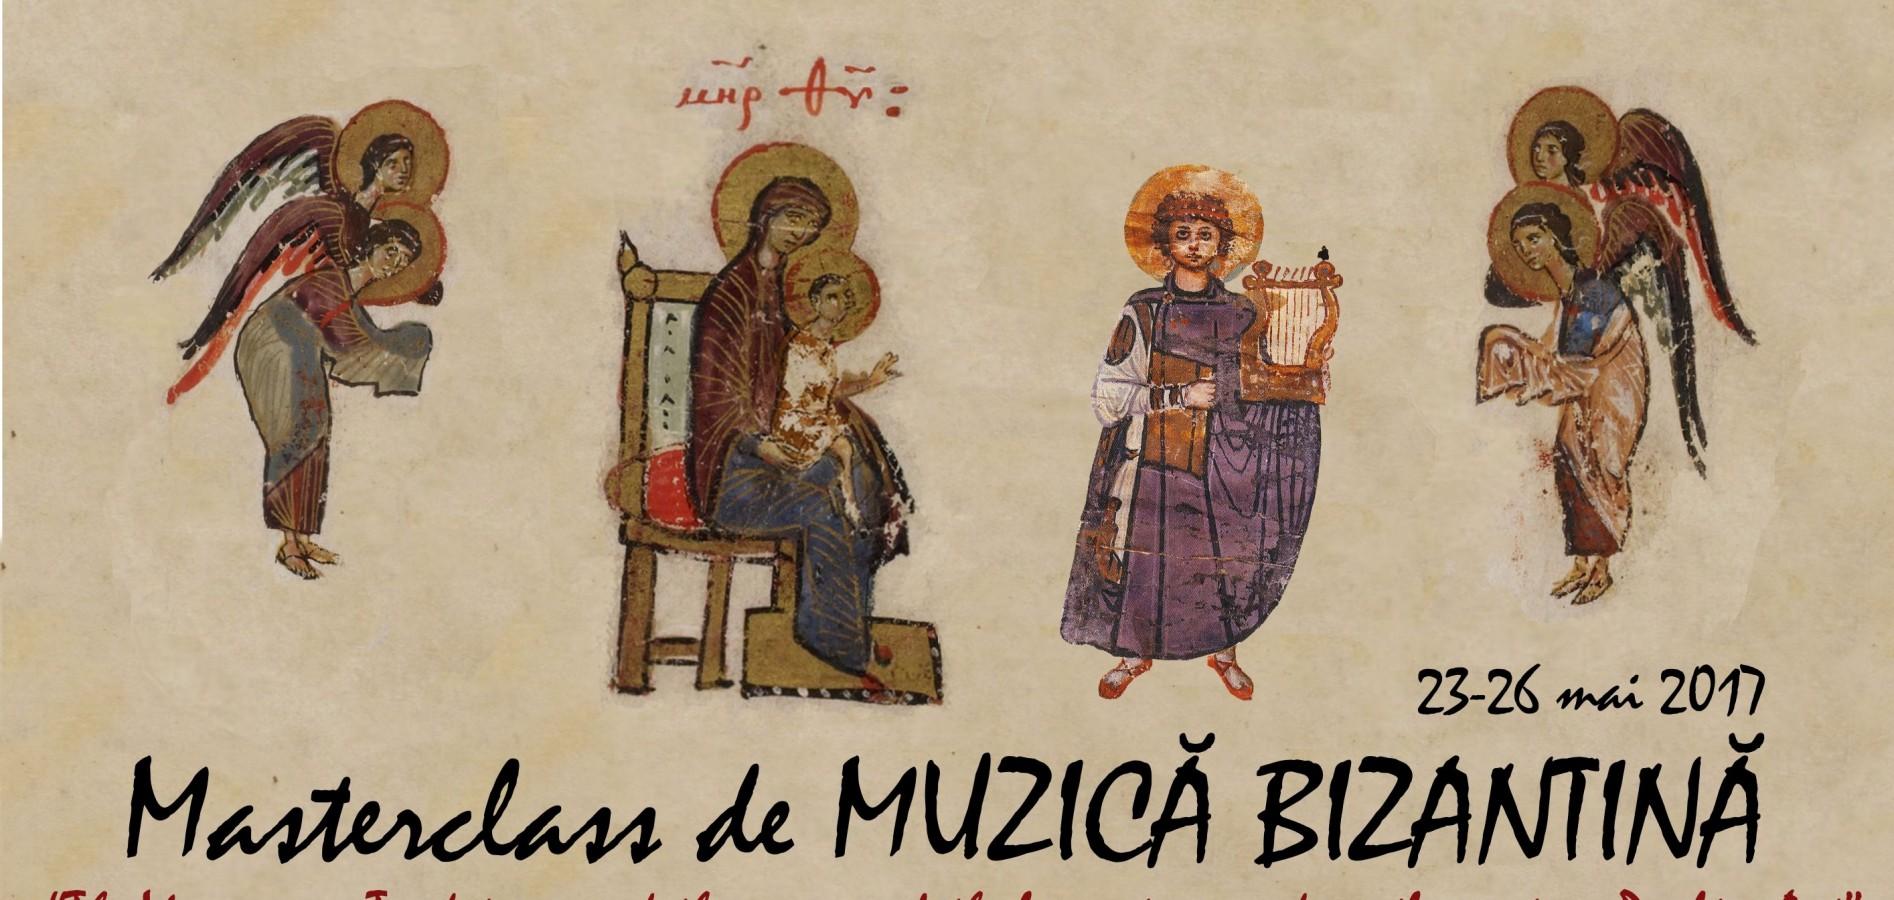 Masterclass de muzică bizantină la Cluj-Napoca